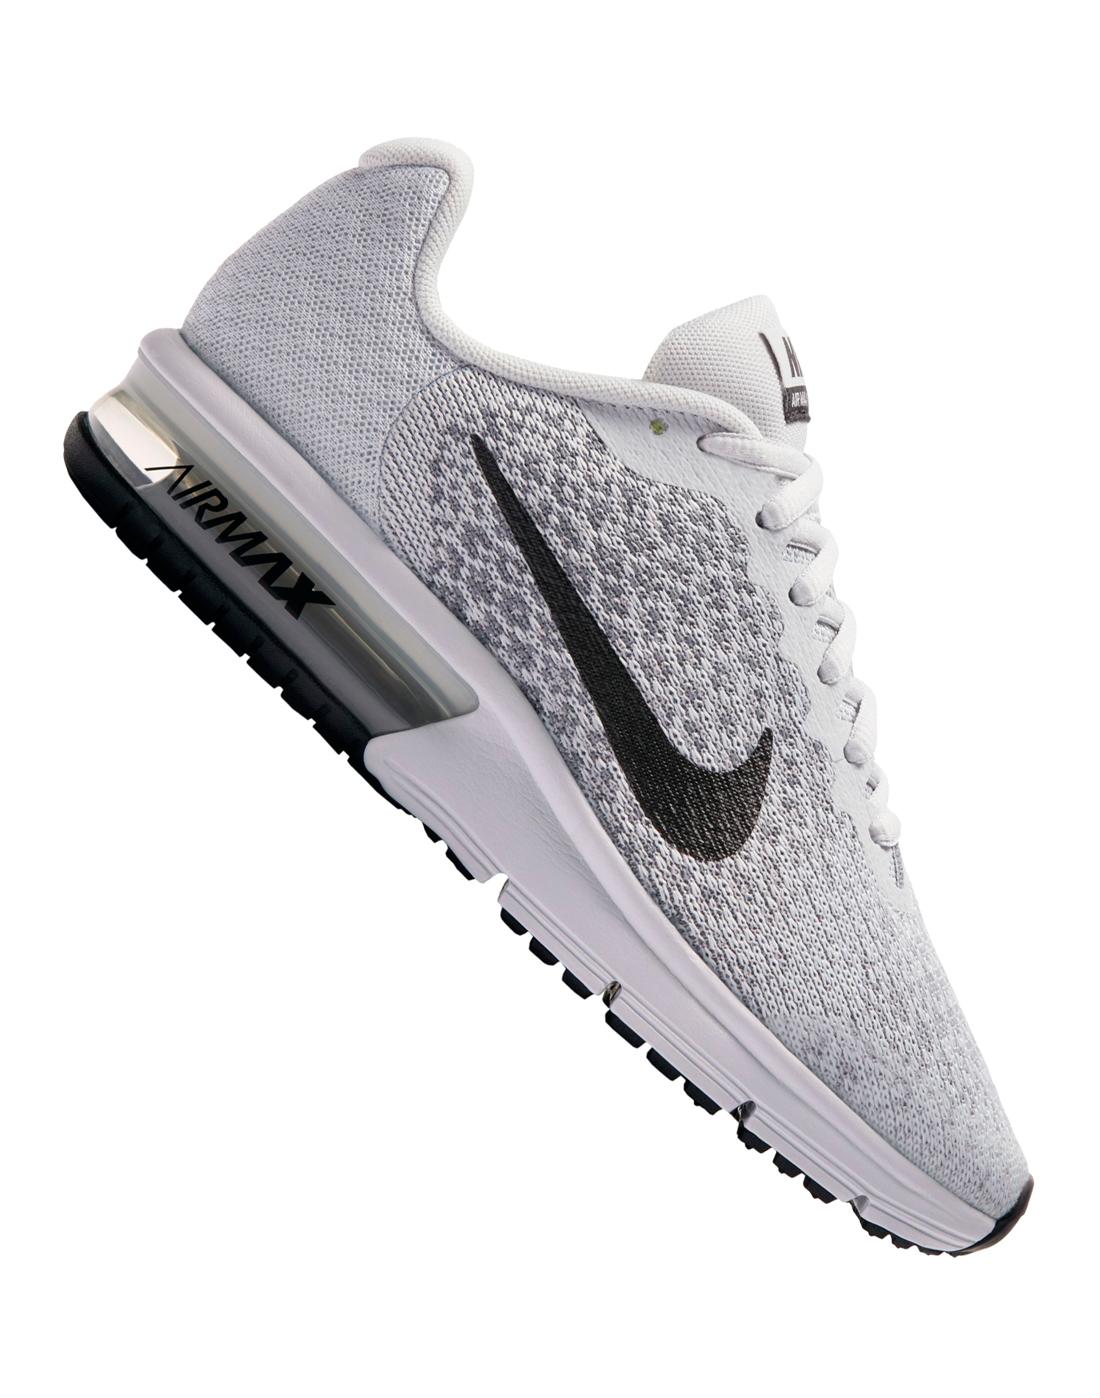 e00de422dc688 Nike Older Boys Air Max Sequent